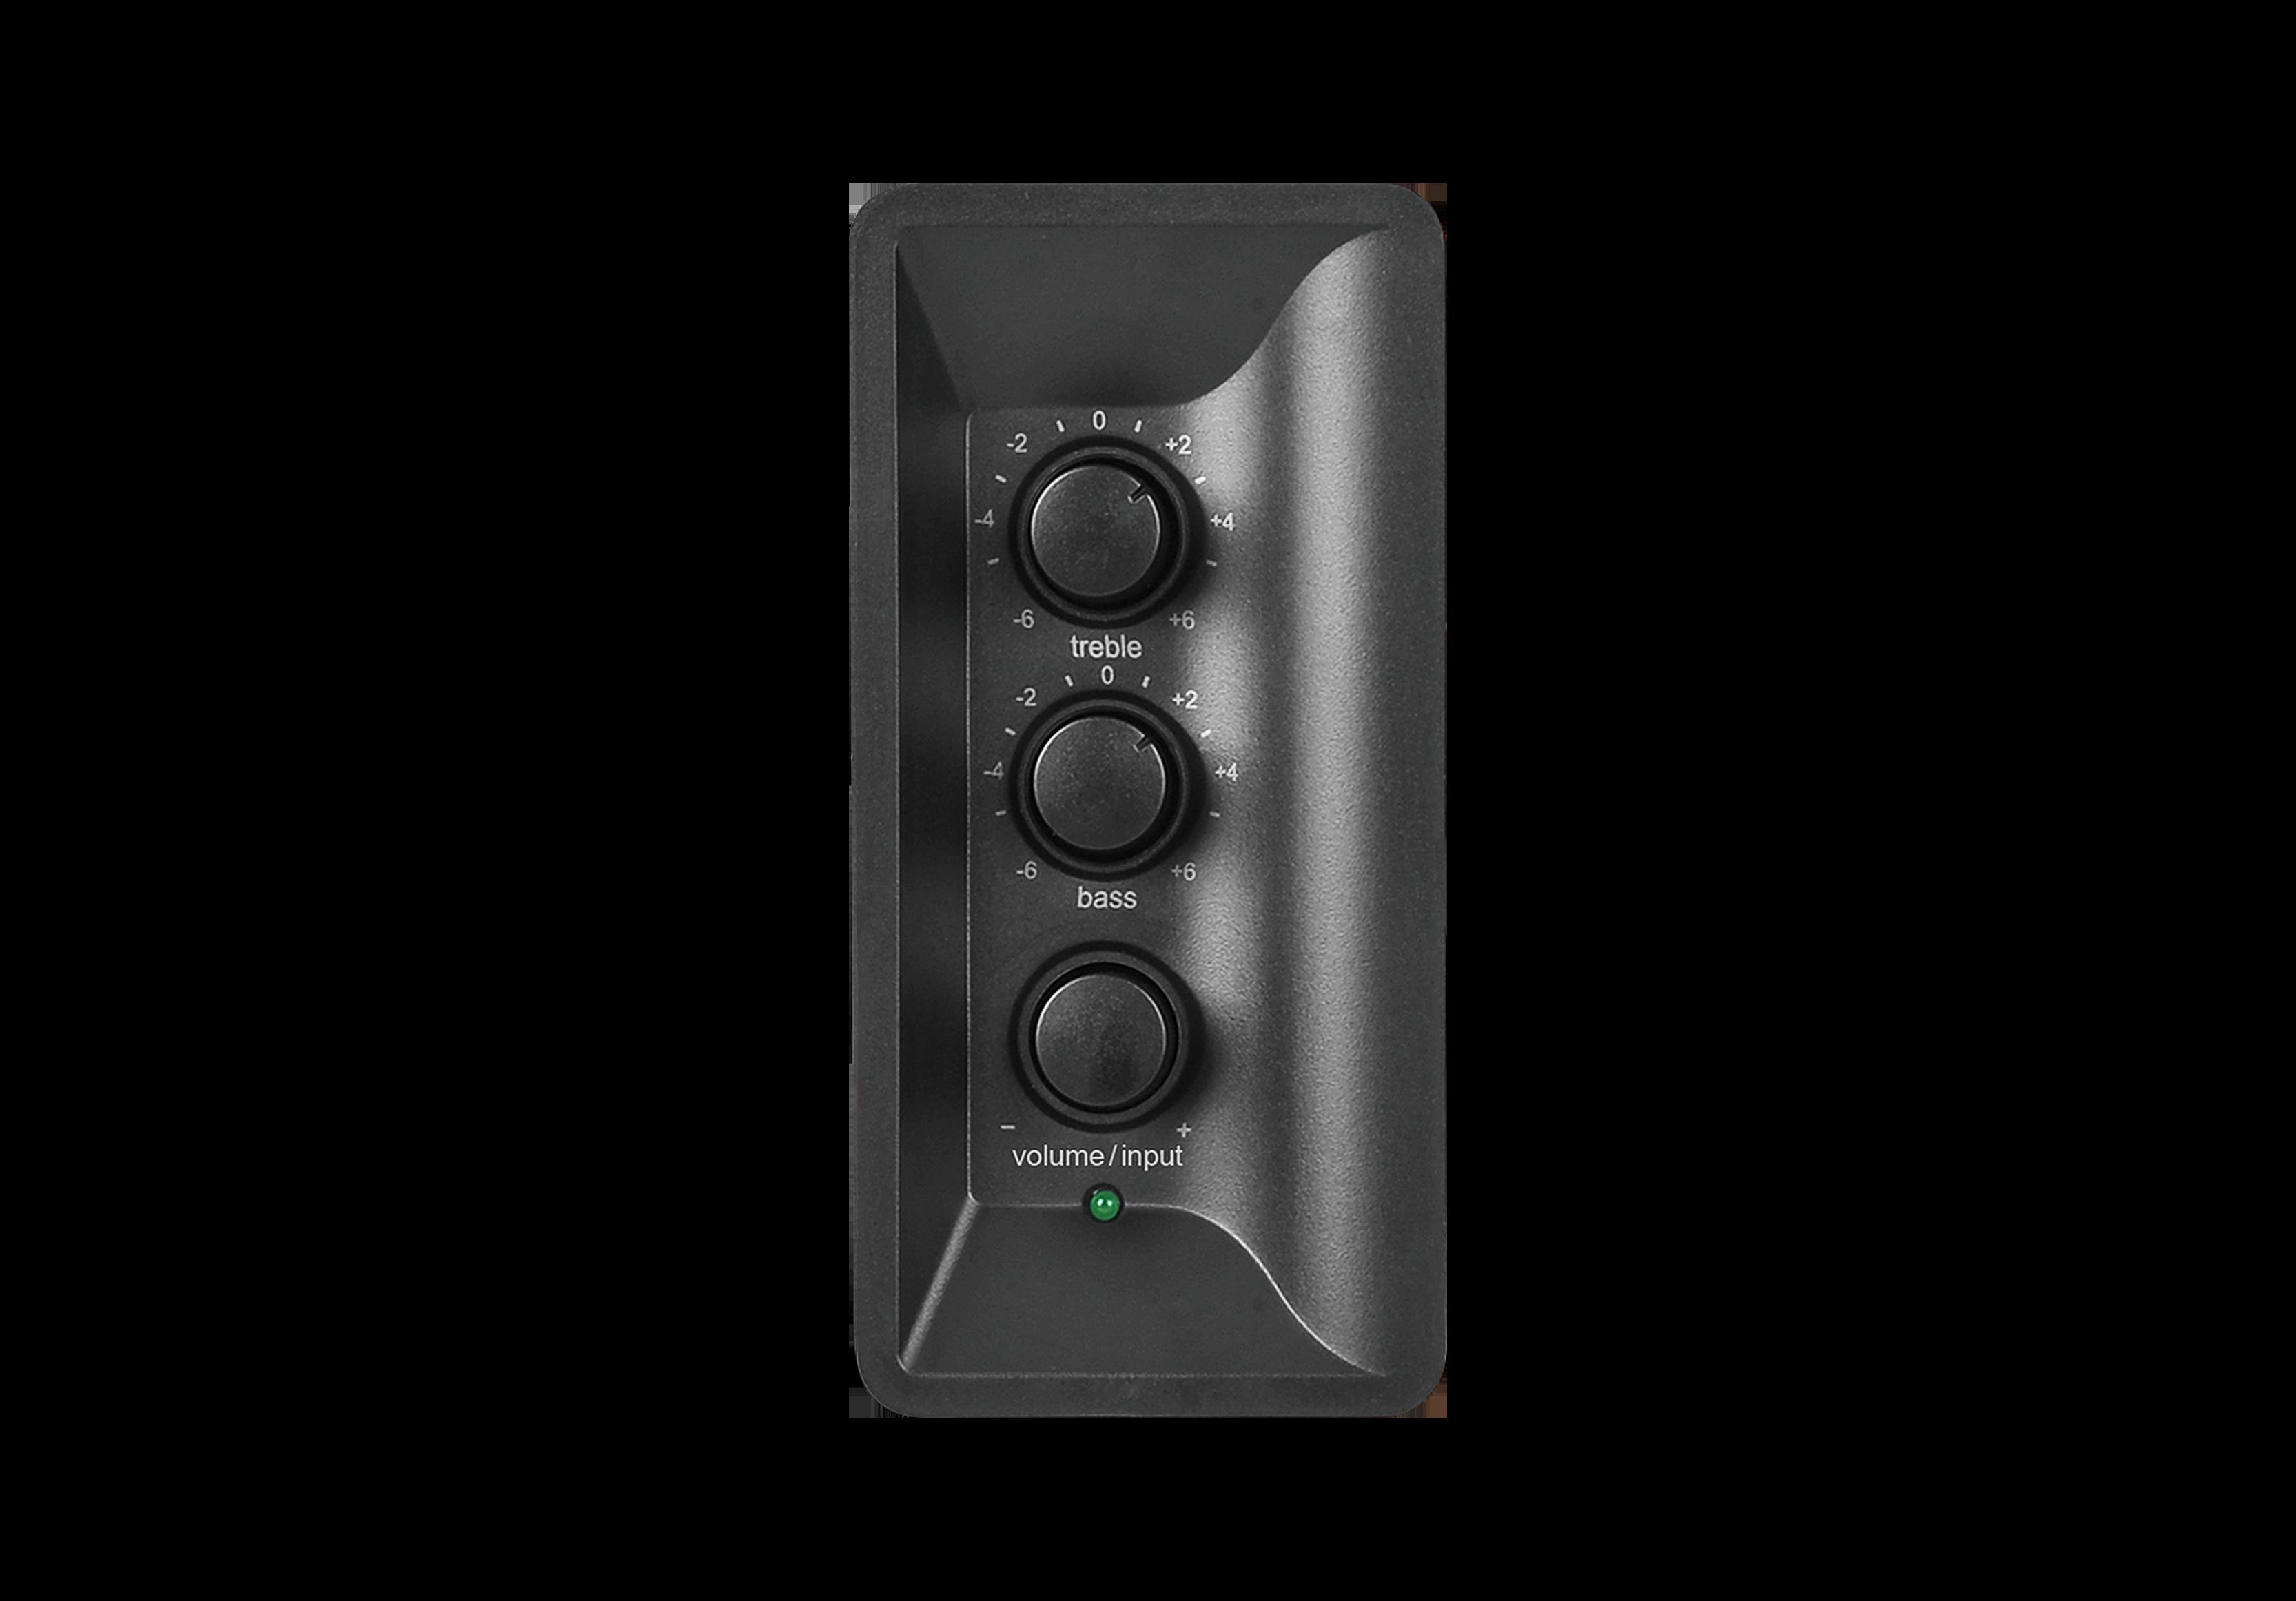 Các nút điều khiển trên loa Edifier R1280DBs